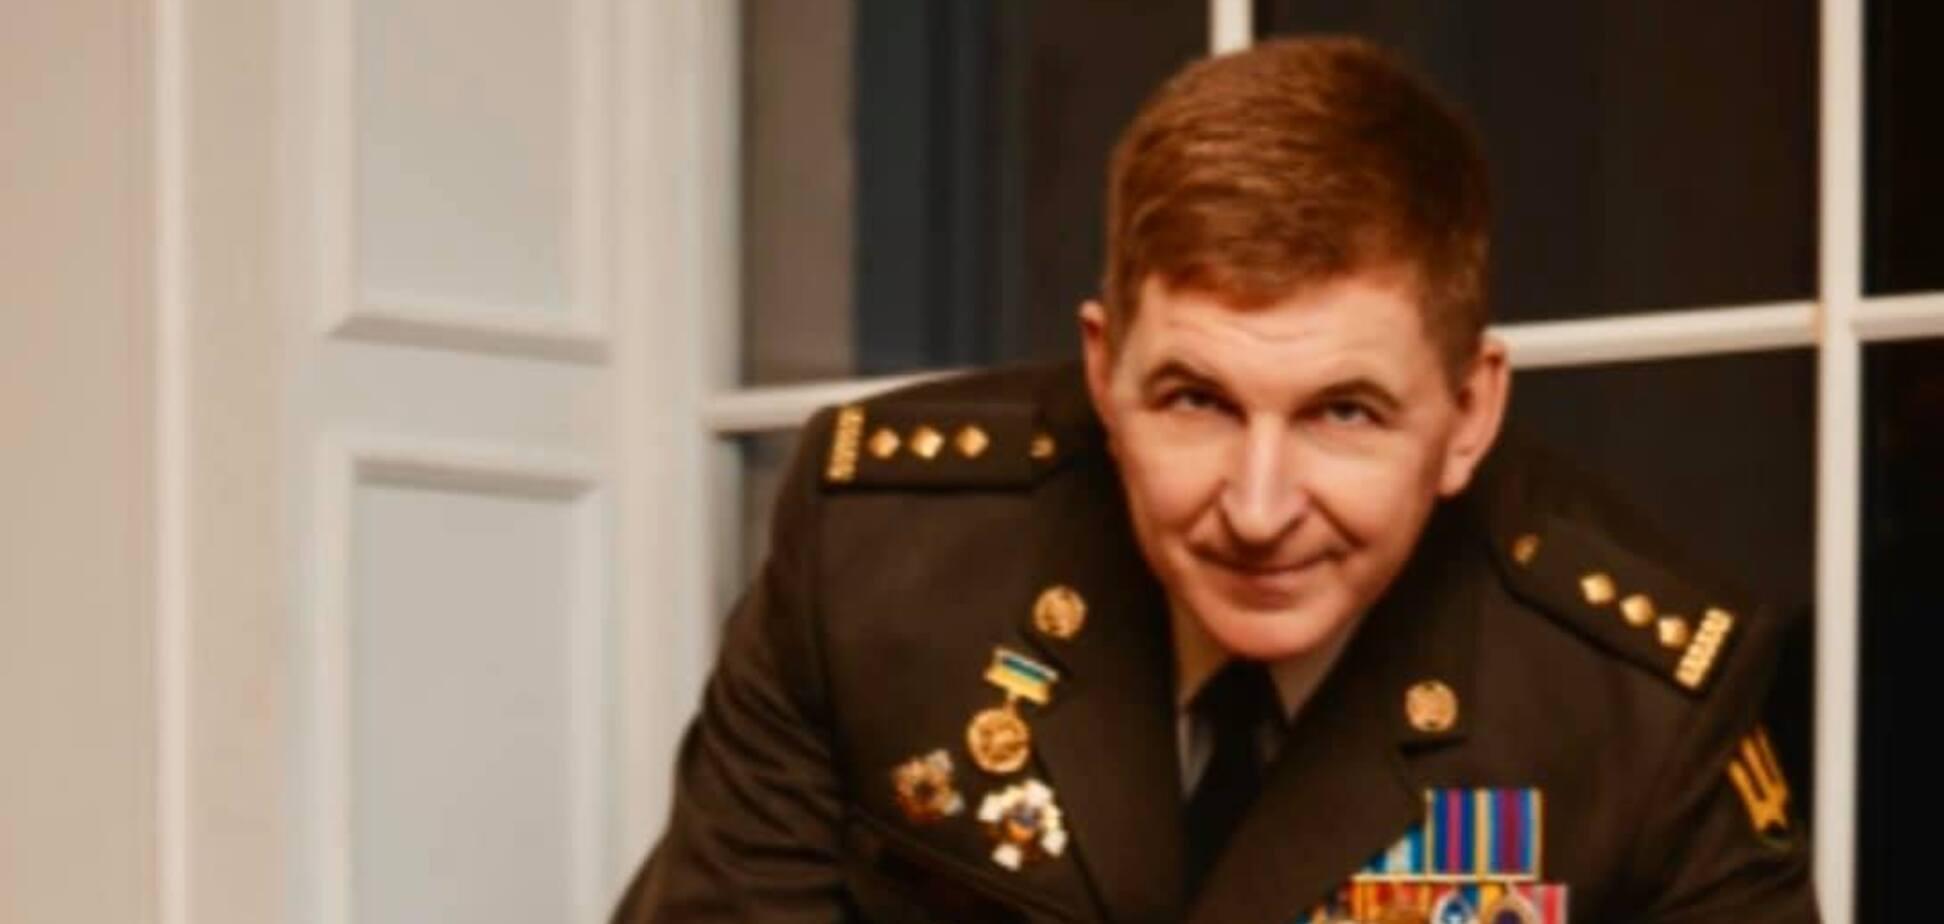 Міноборони звільнило бойового полковника ЗСУ: українці обурені